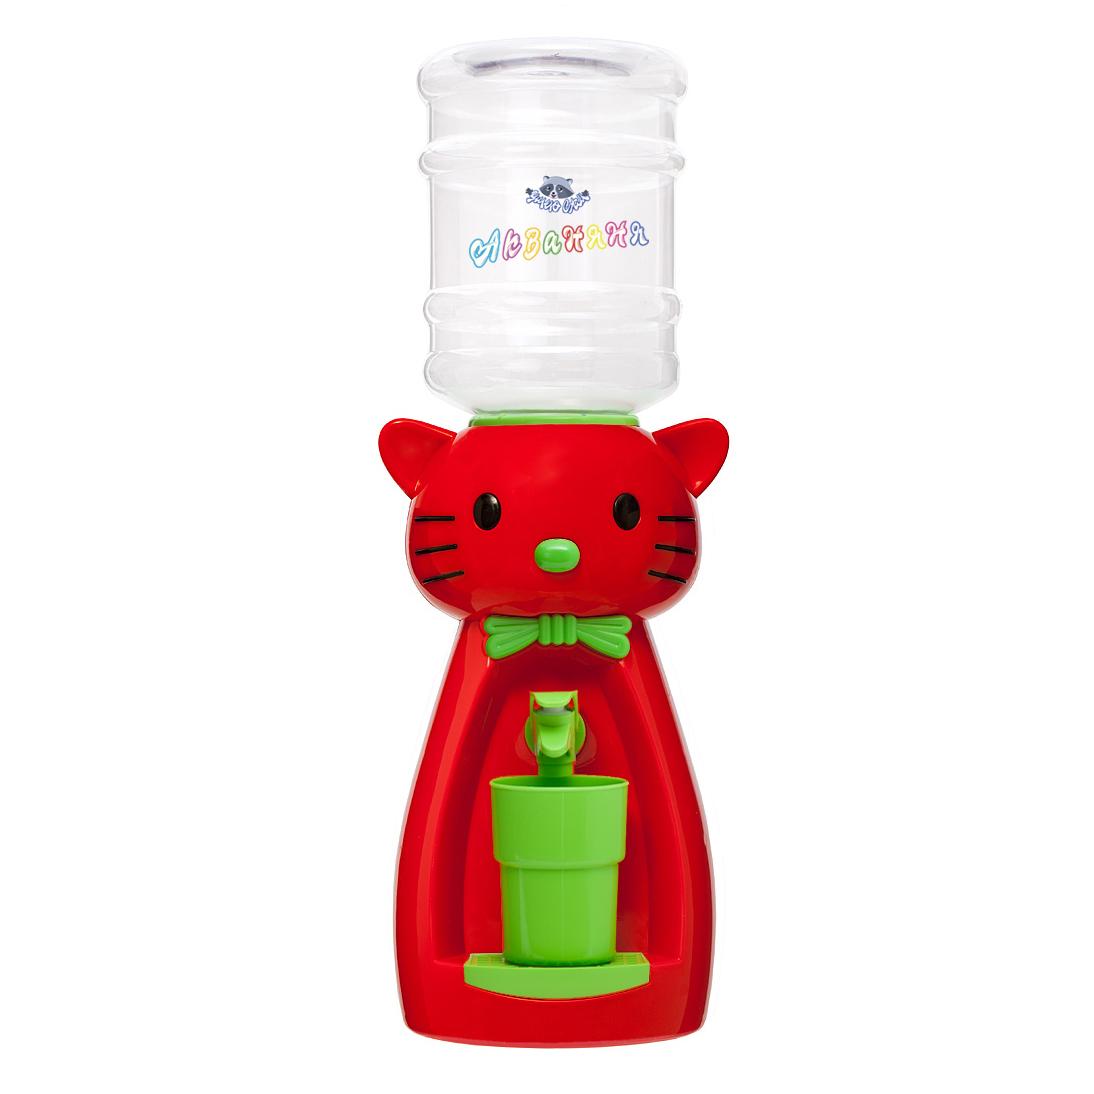 2_2 Детский кулер АкваНяня Красная кошка с салатовым